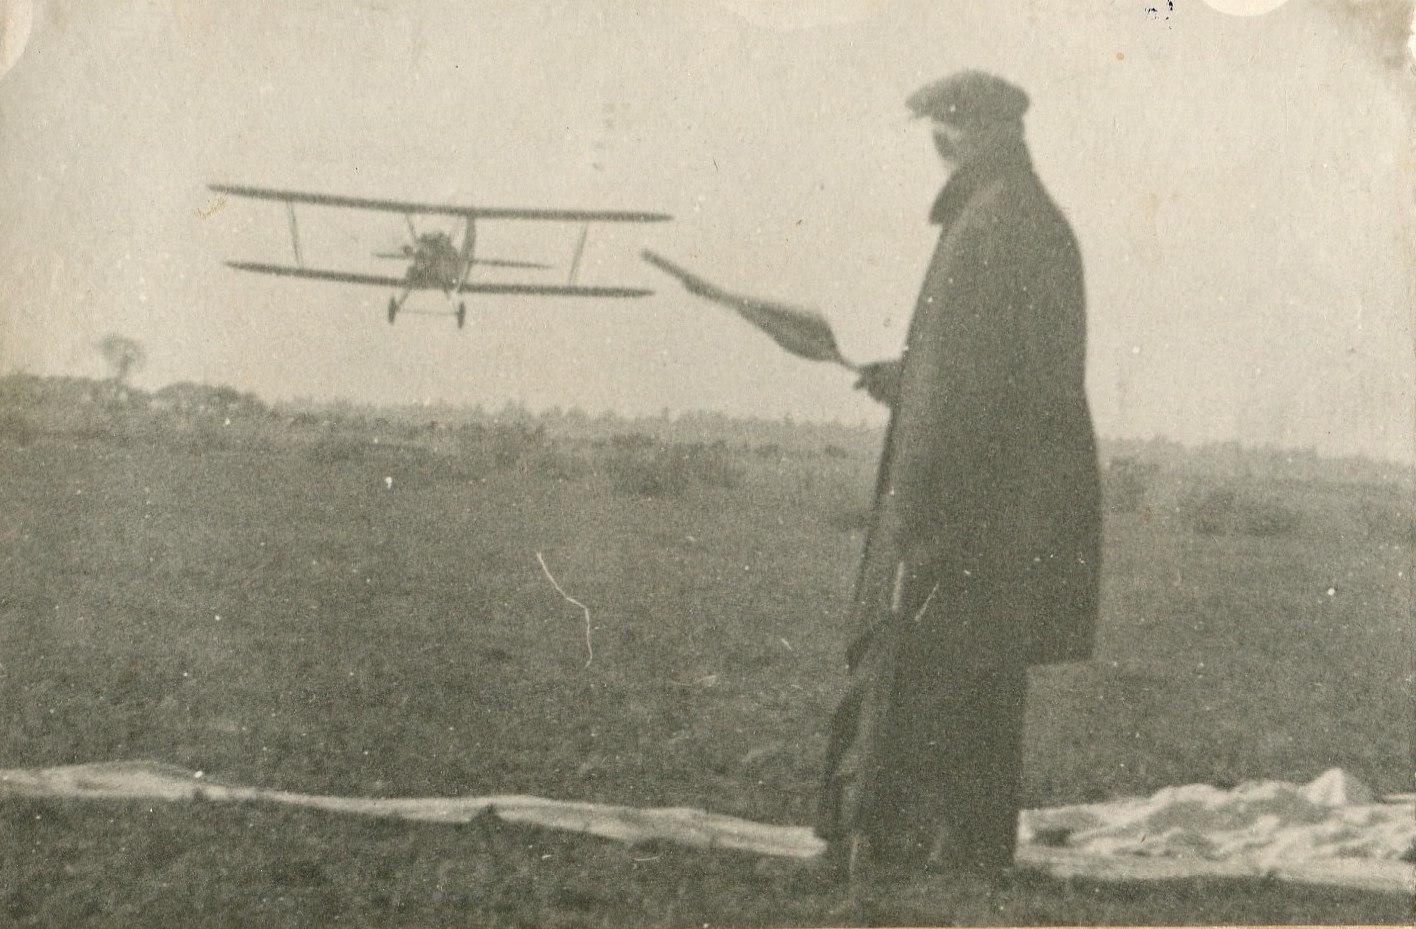 1935. Тренировочные полеты